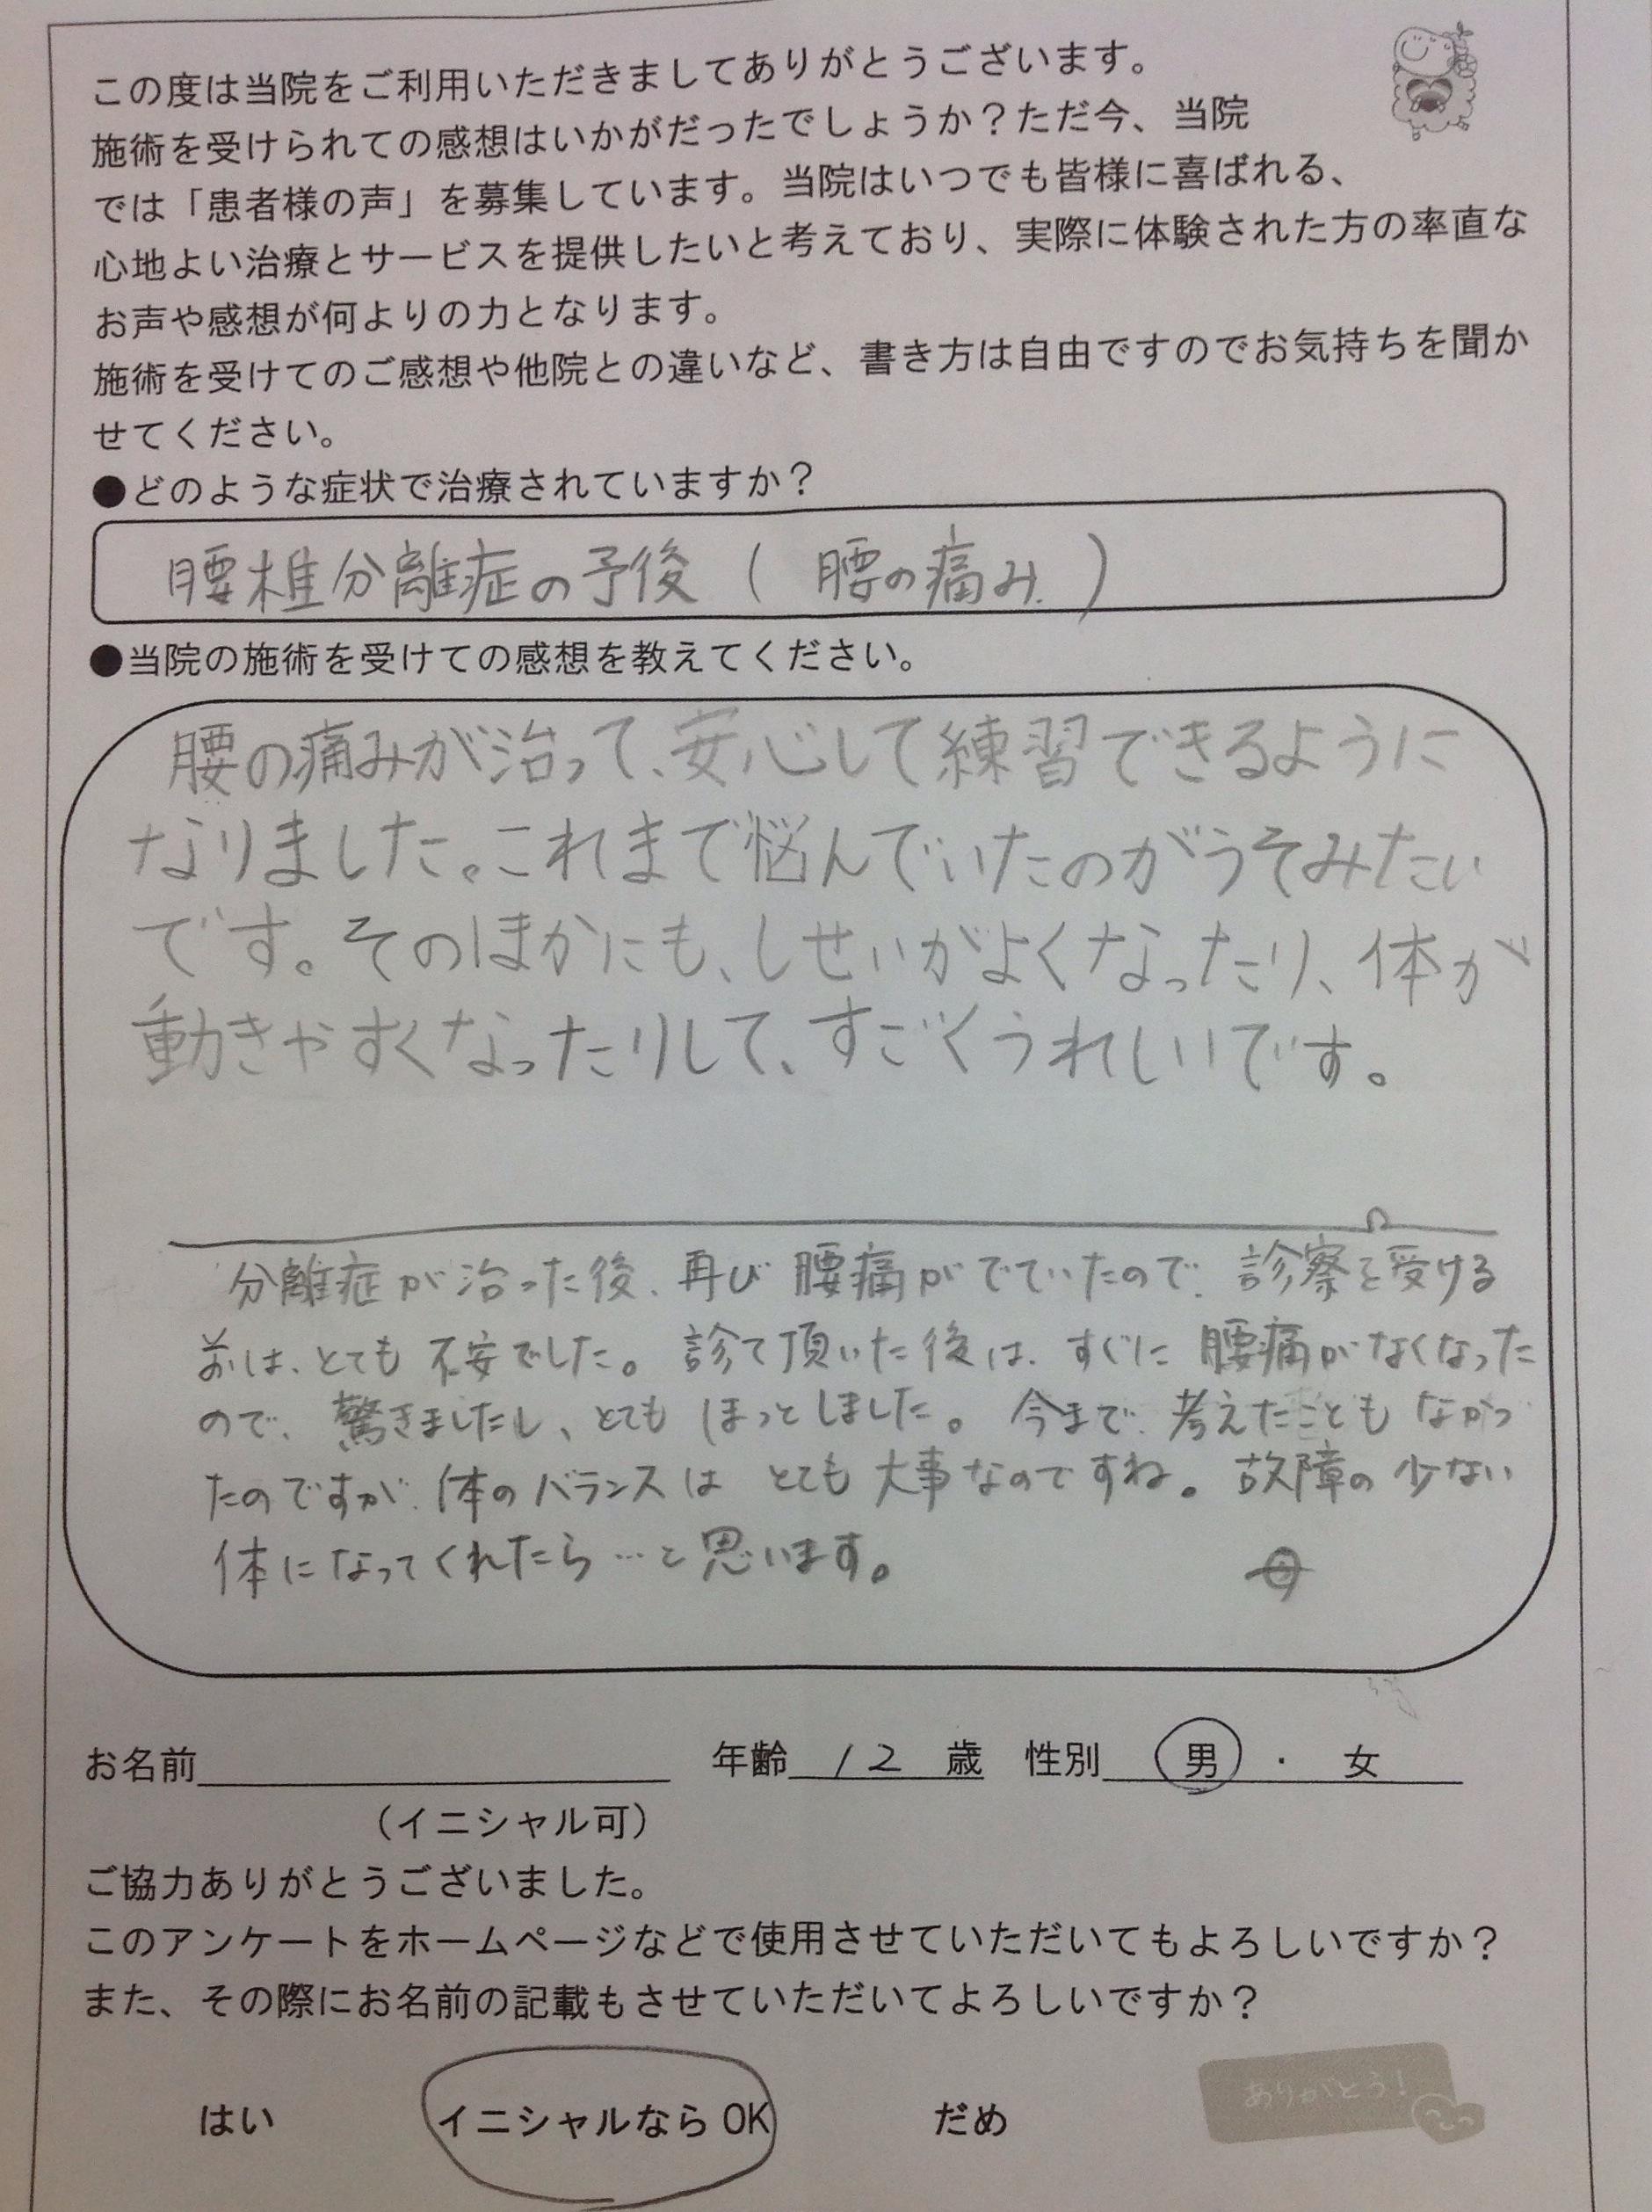 大川君コメント.JPG